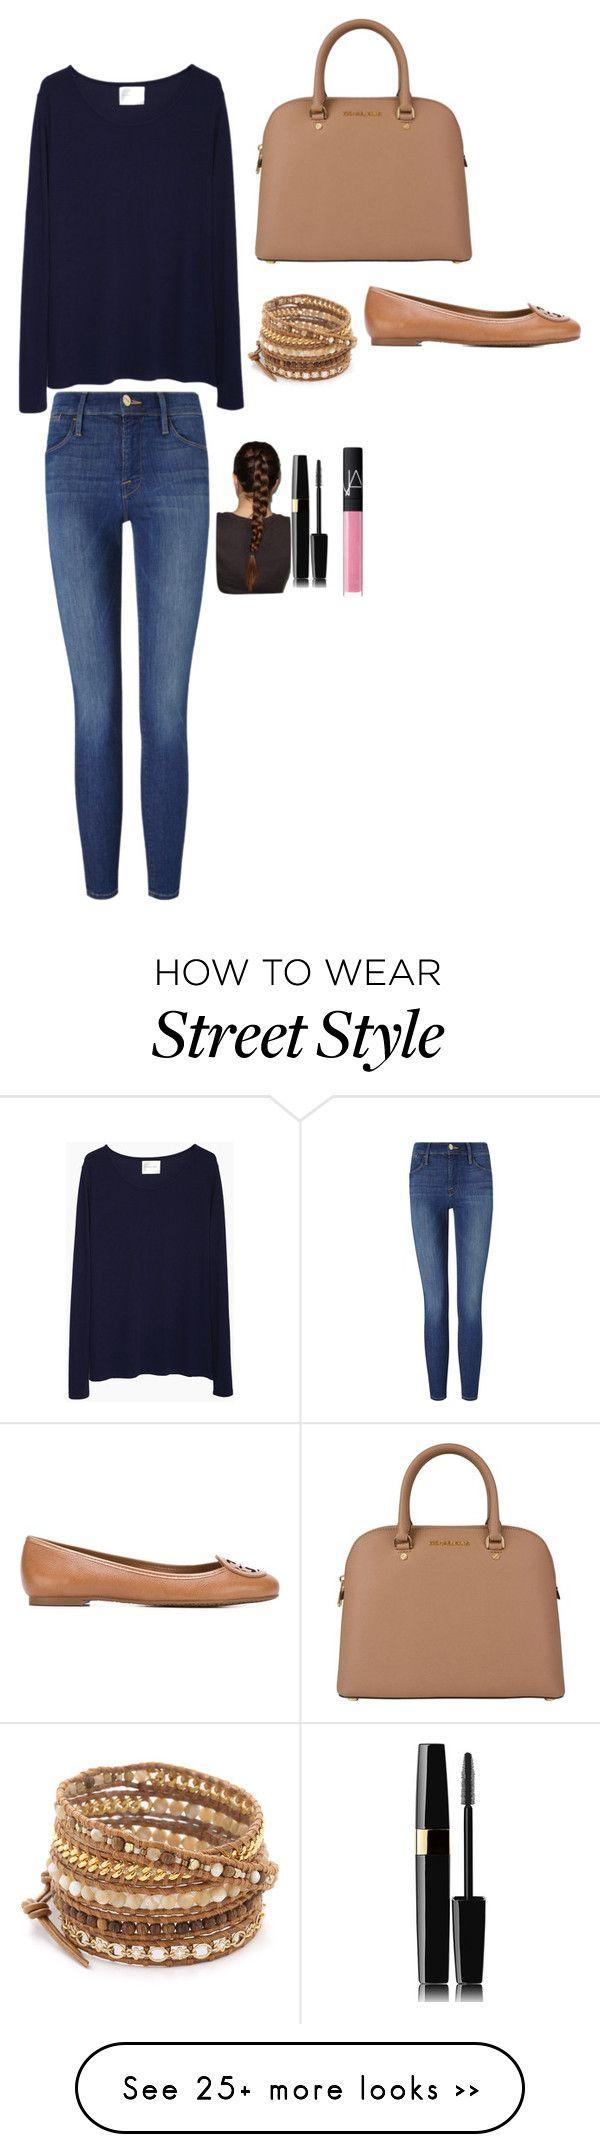 Sueter azul, pantalon claro nuevo, zapatos azul y cafe